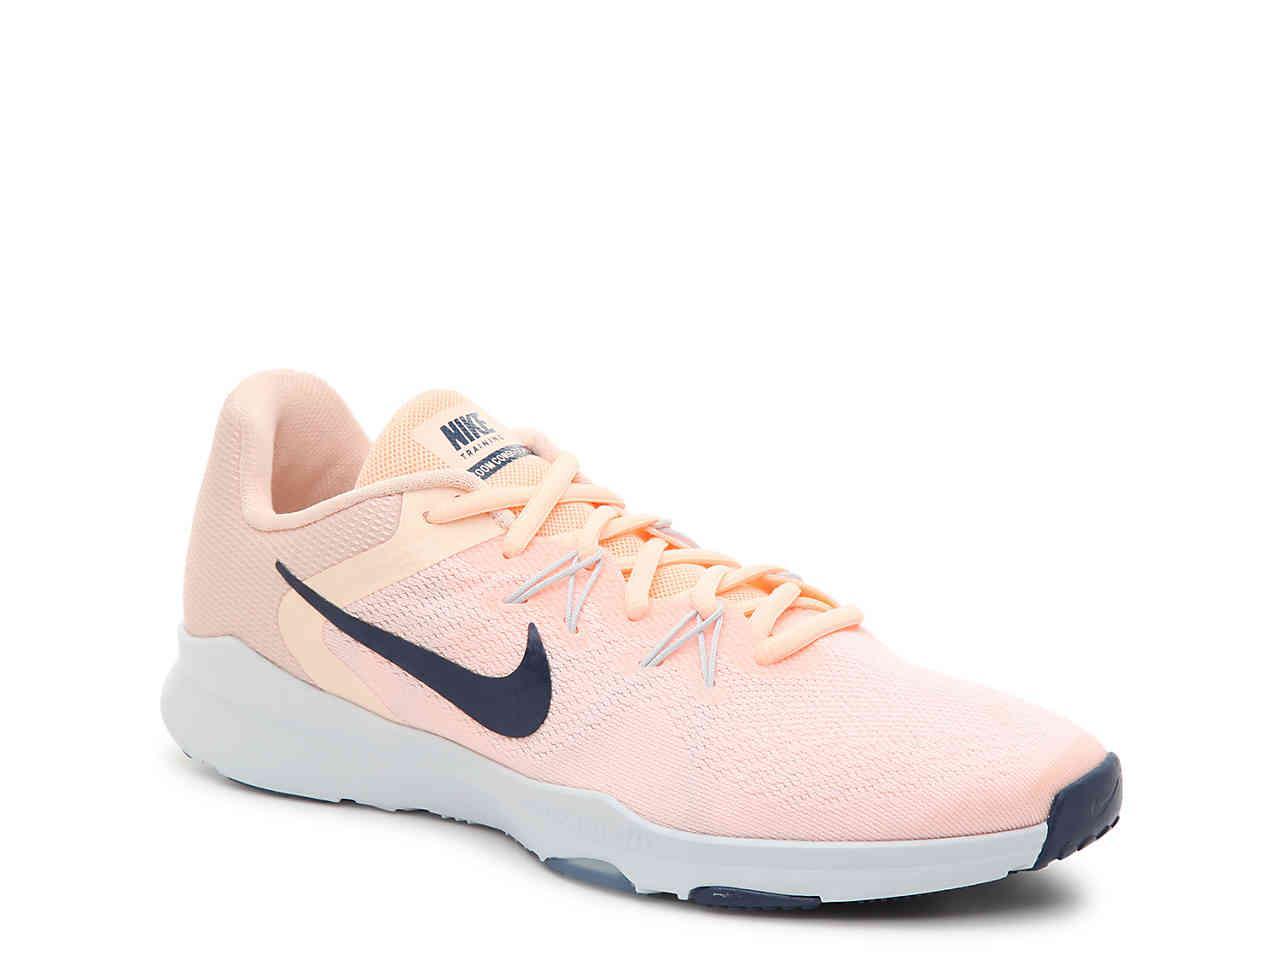 Zapatillas De Entrenamiento Nike Condicion Rosa Ligera Lyst En Rosa Condicion ac258b